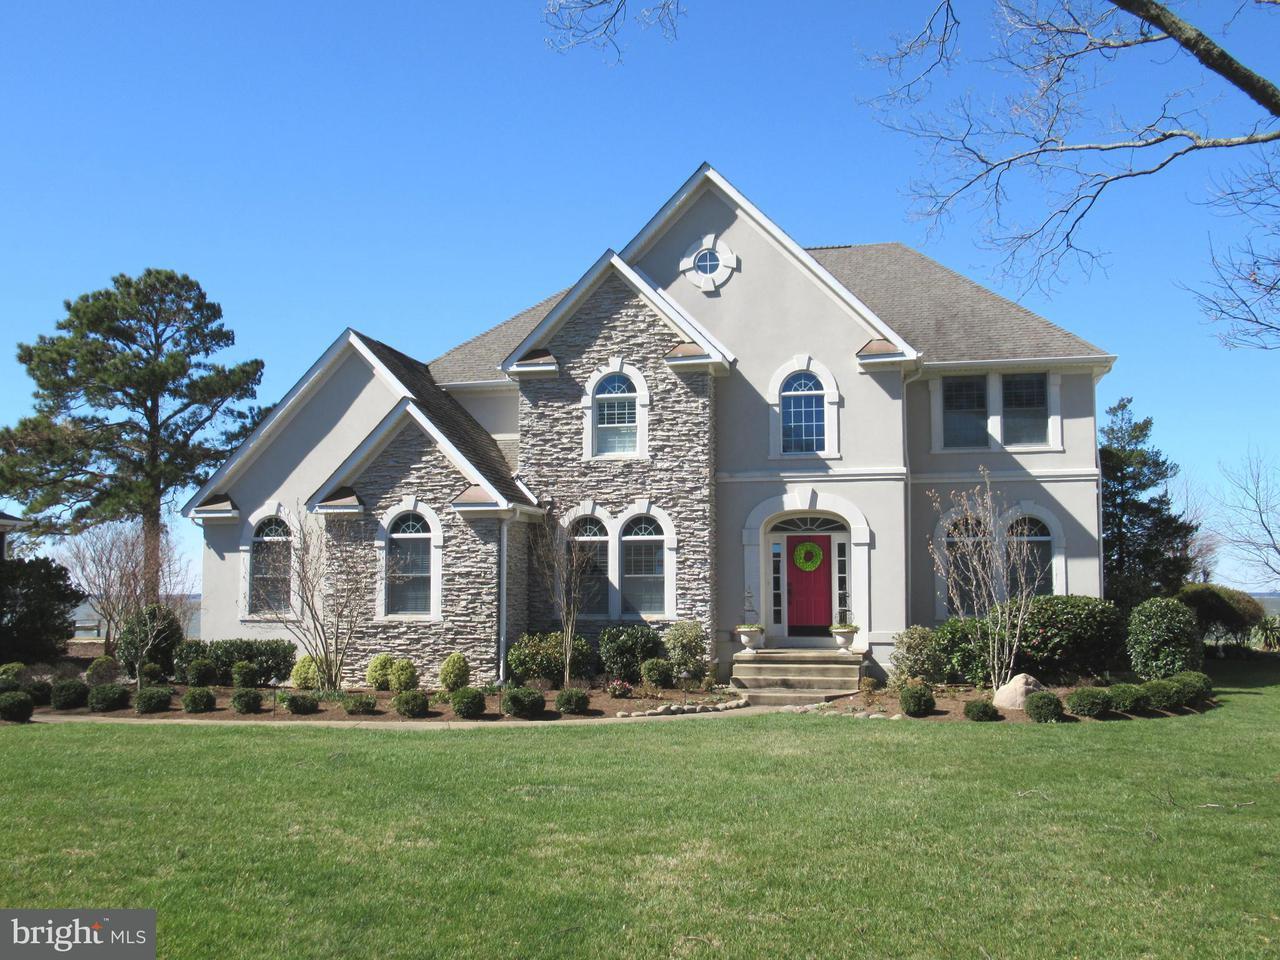 Casa Unifamiliar por un Venta en 11240 Keokee Court 11240 Keokee Court Swan Point, Maryland 20645 Estados Unidos